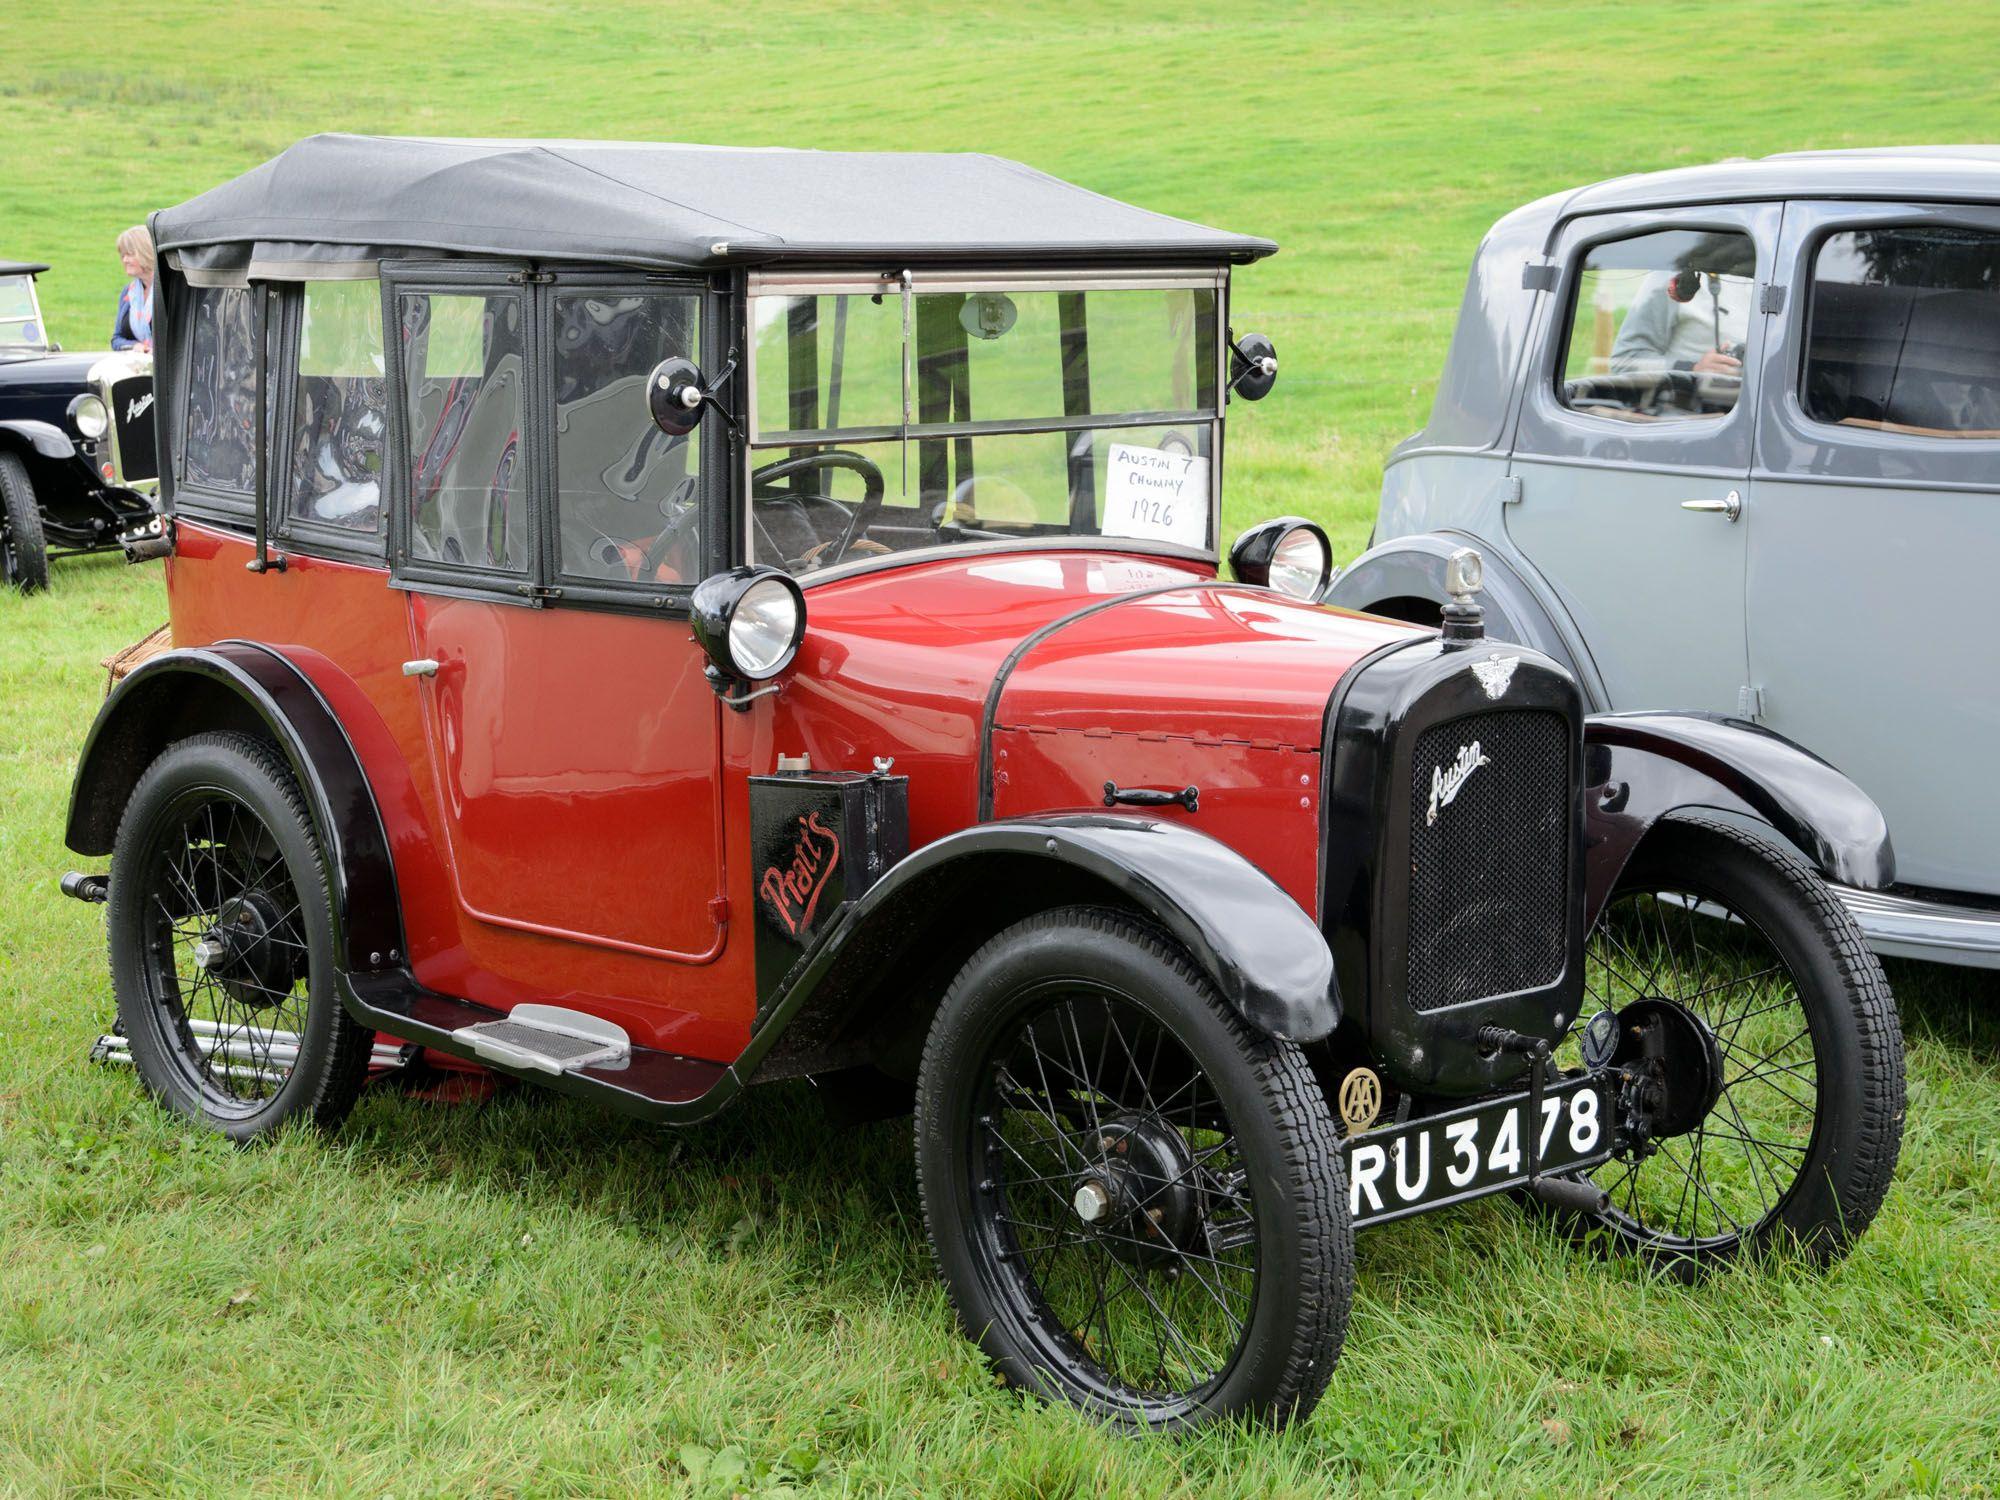 Austin 7 Chummy Keluaran Tahun 1926 Mobil Klasik Victoria Mobil Unik Mobil Antik Mobil Lawas Mobil Klasik Mobil Baru Klasik